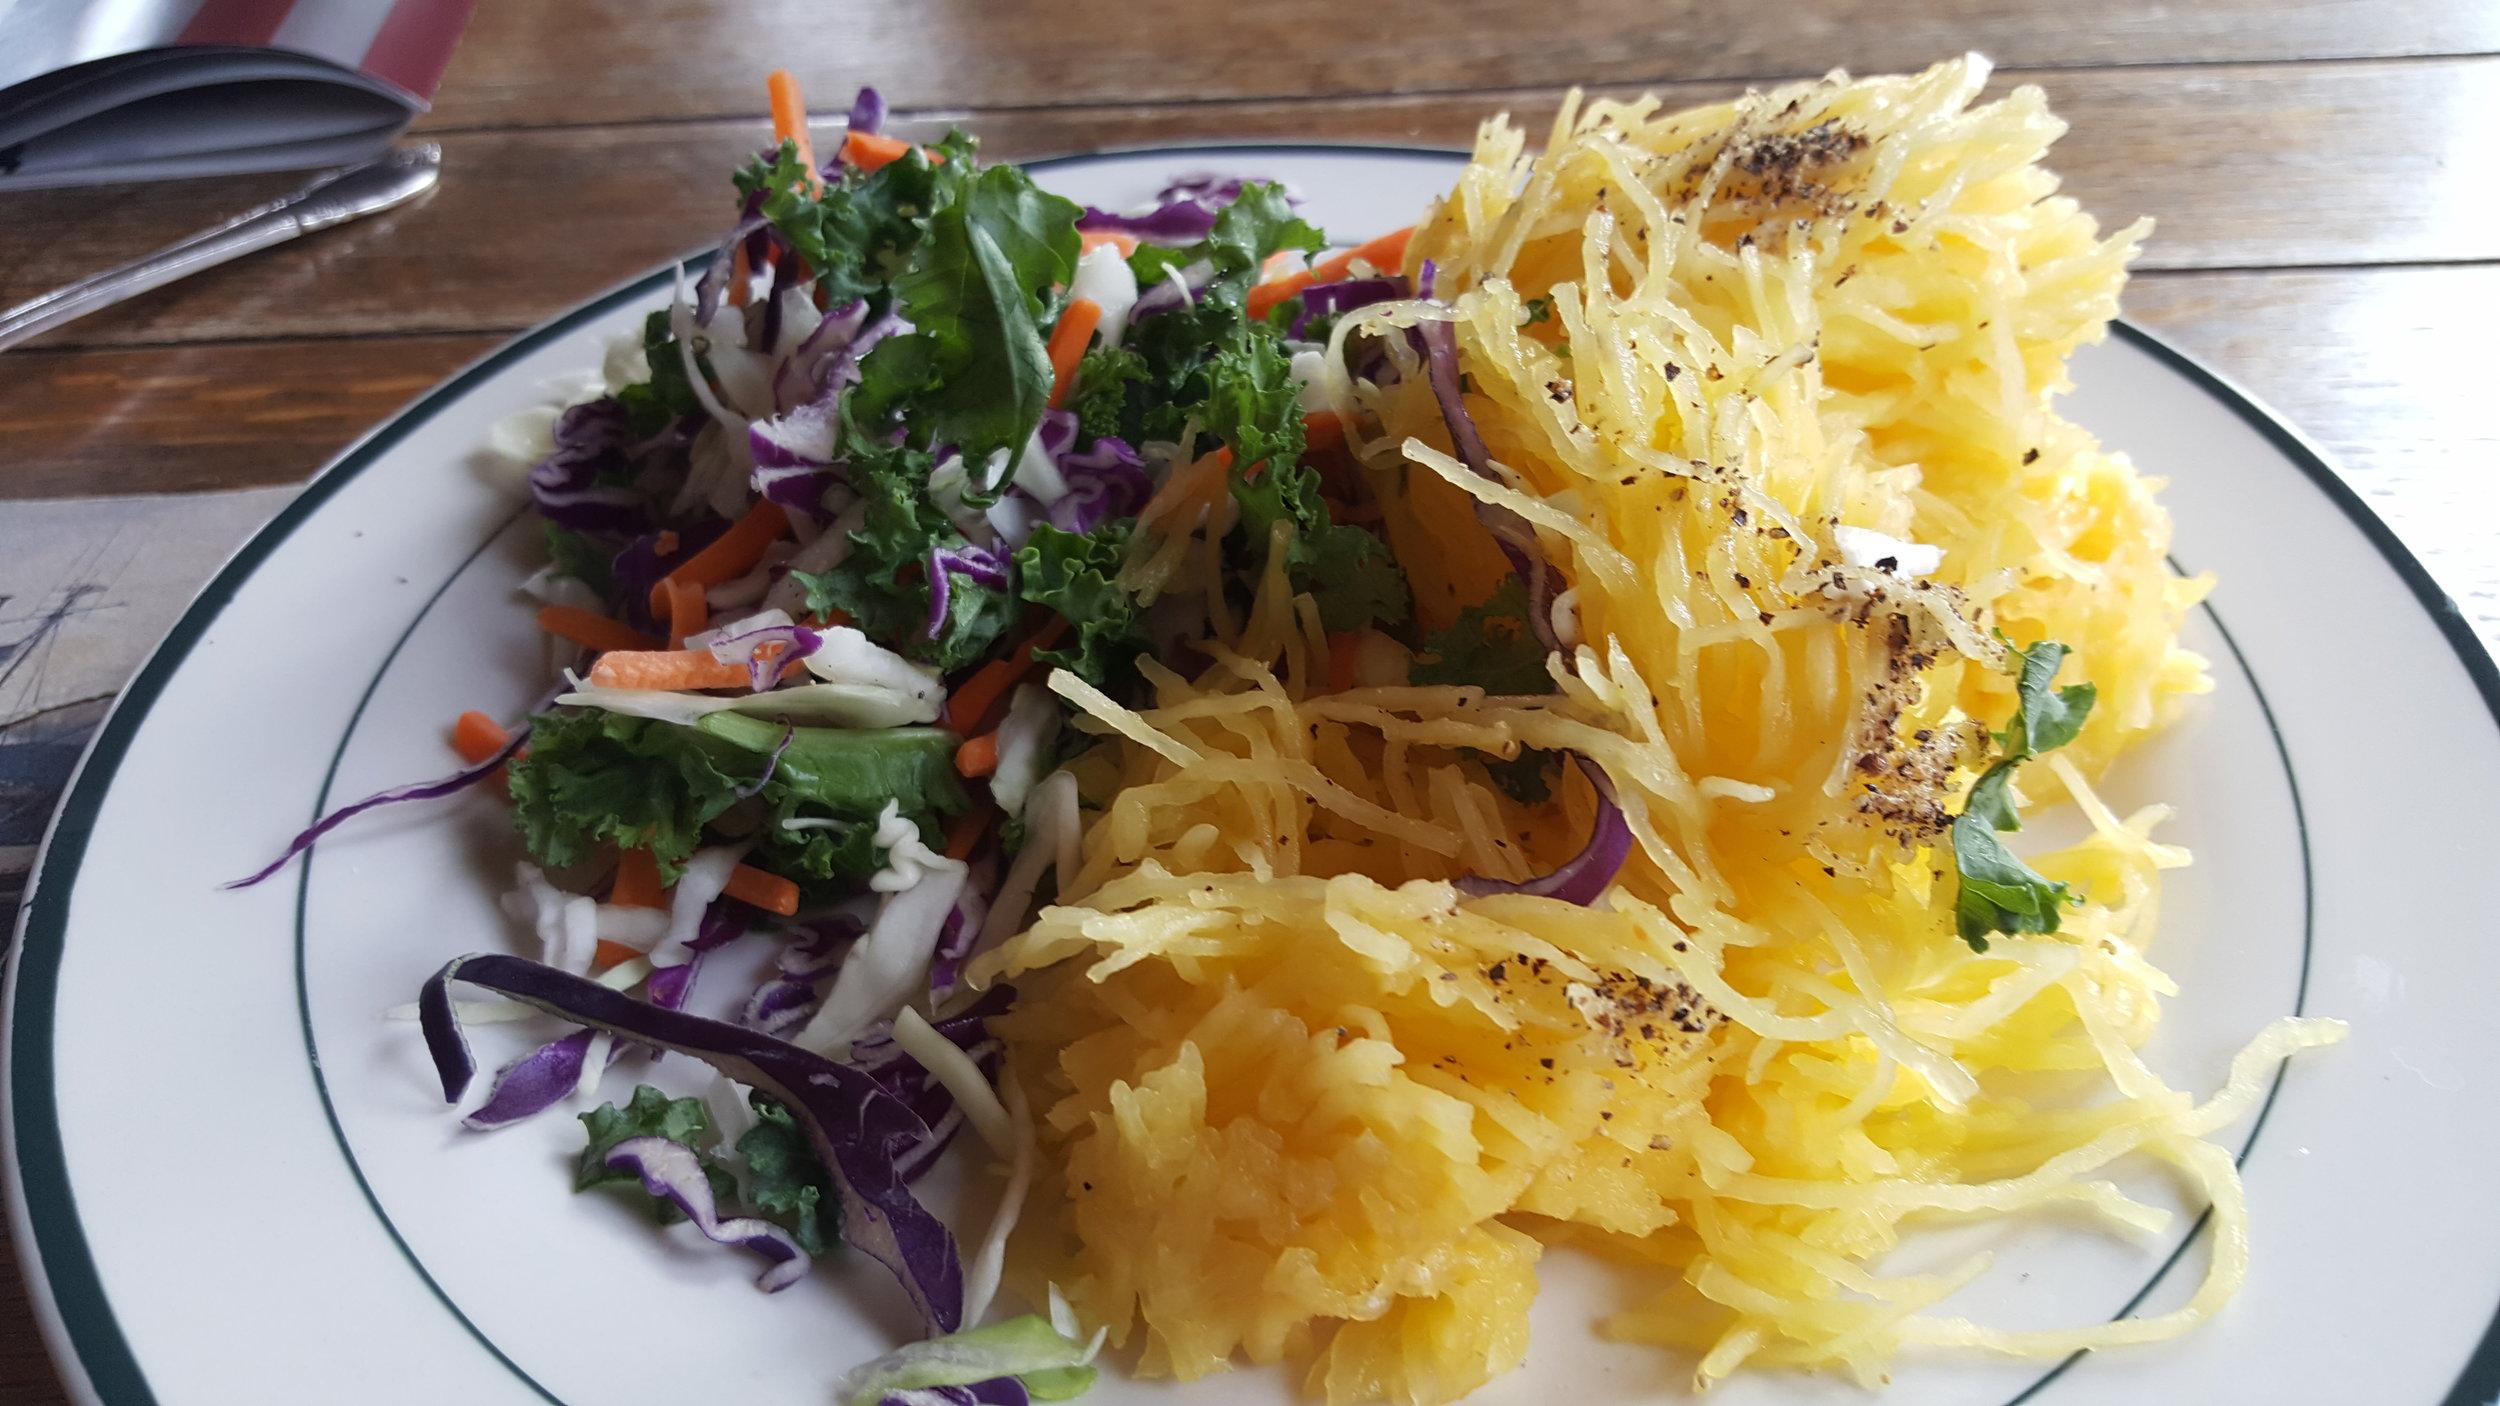 Kale salad and spaghetti squash